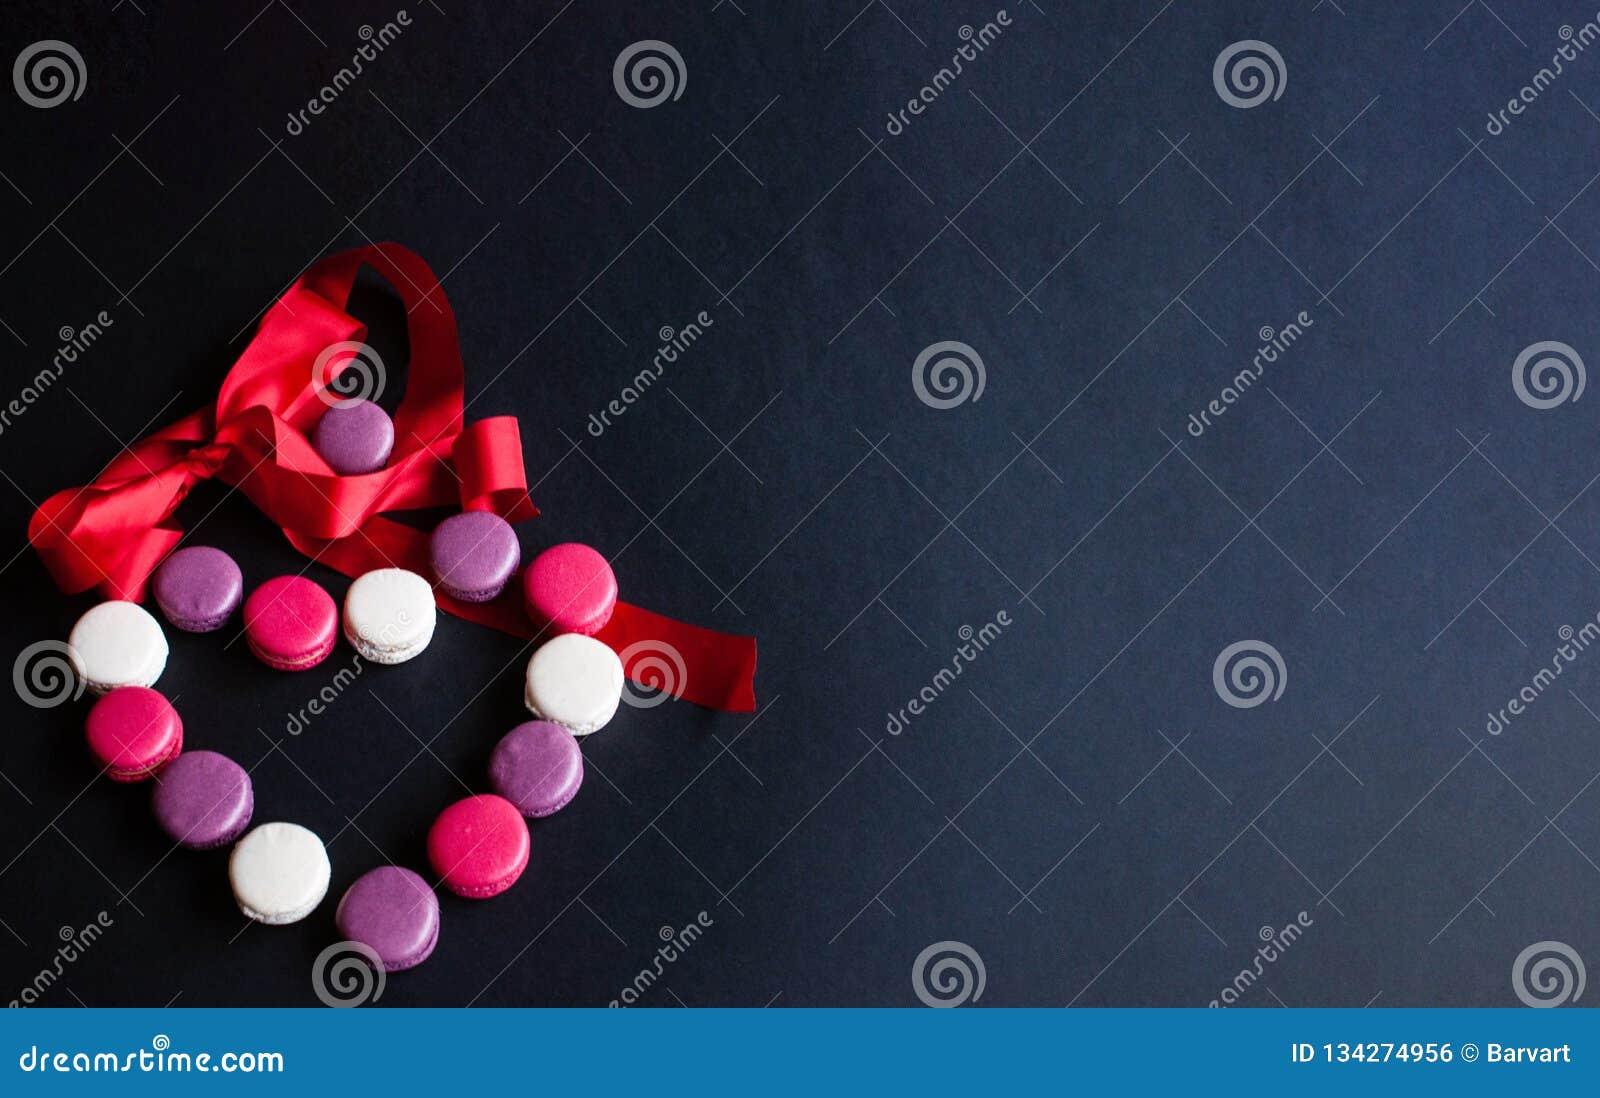 Bolinho de amêndoa apresentado em um fundo preto sob a forma de um coração com fita vermelha Cookies de amêndoa coloridas, cores